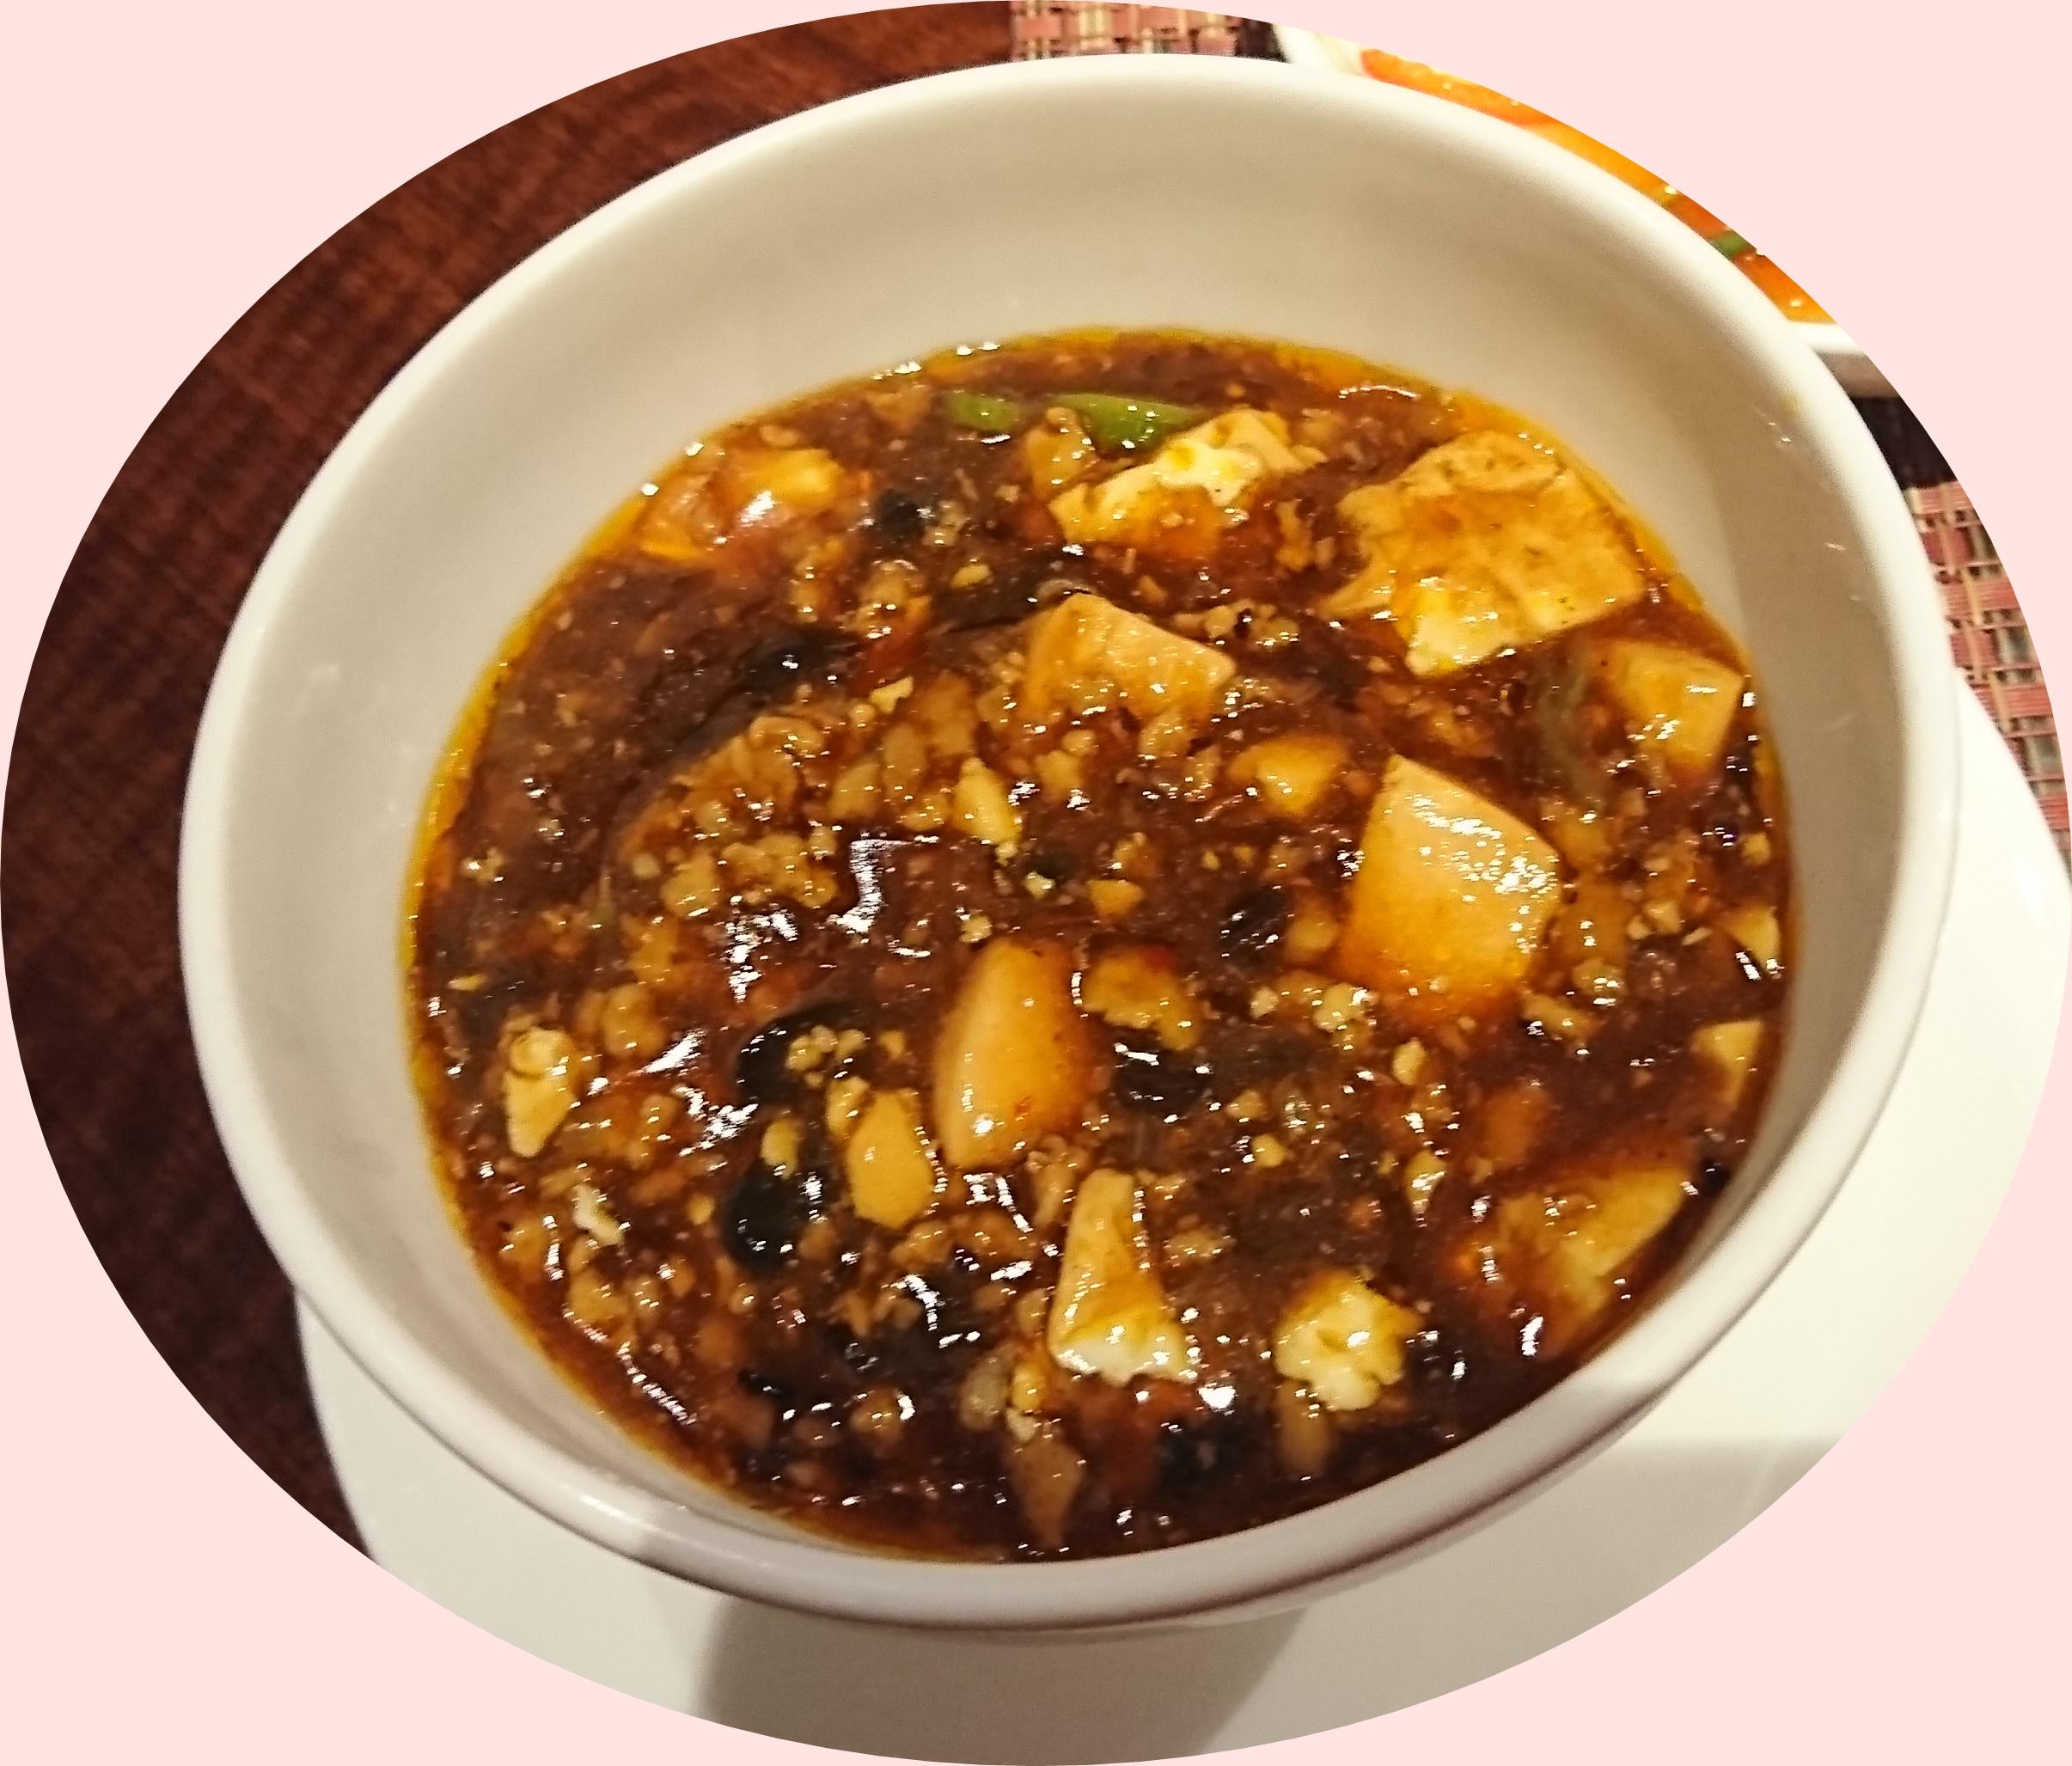 新神戸ANAクラウンプラザの34階にある中国レストラン蘇州の麻婆豆腐